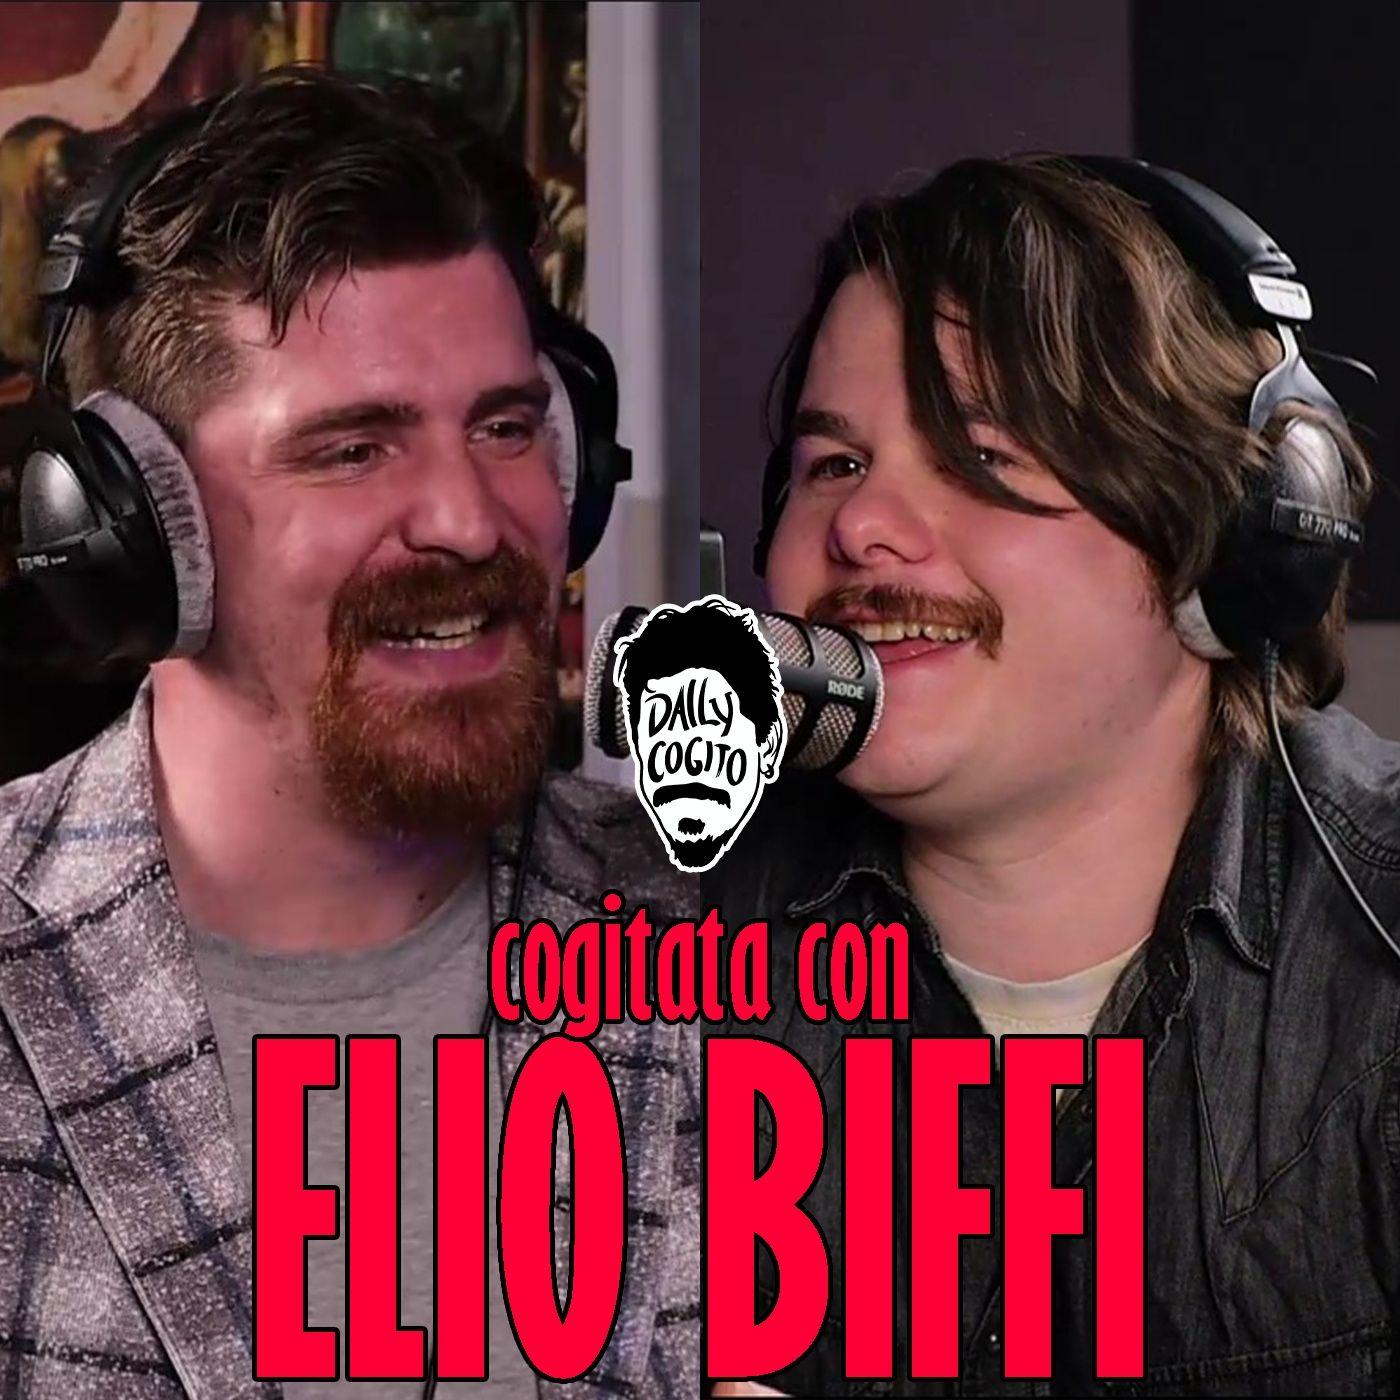 Cogitata con ELIO BIFFI, musicista